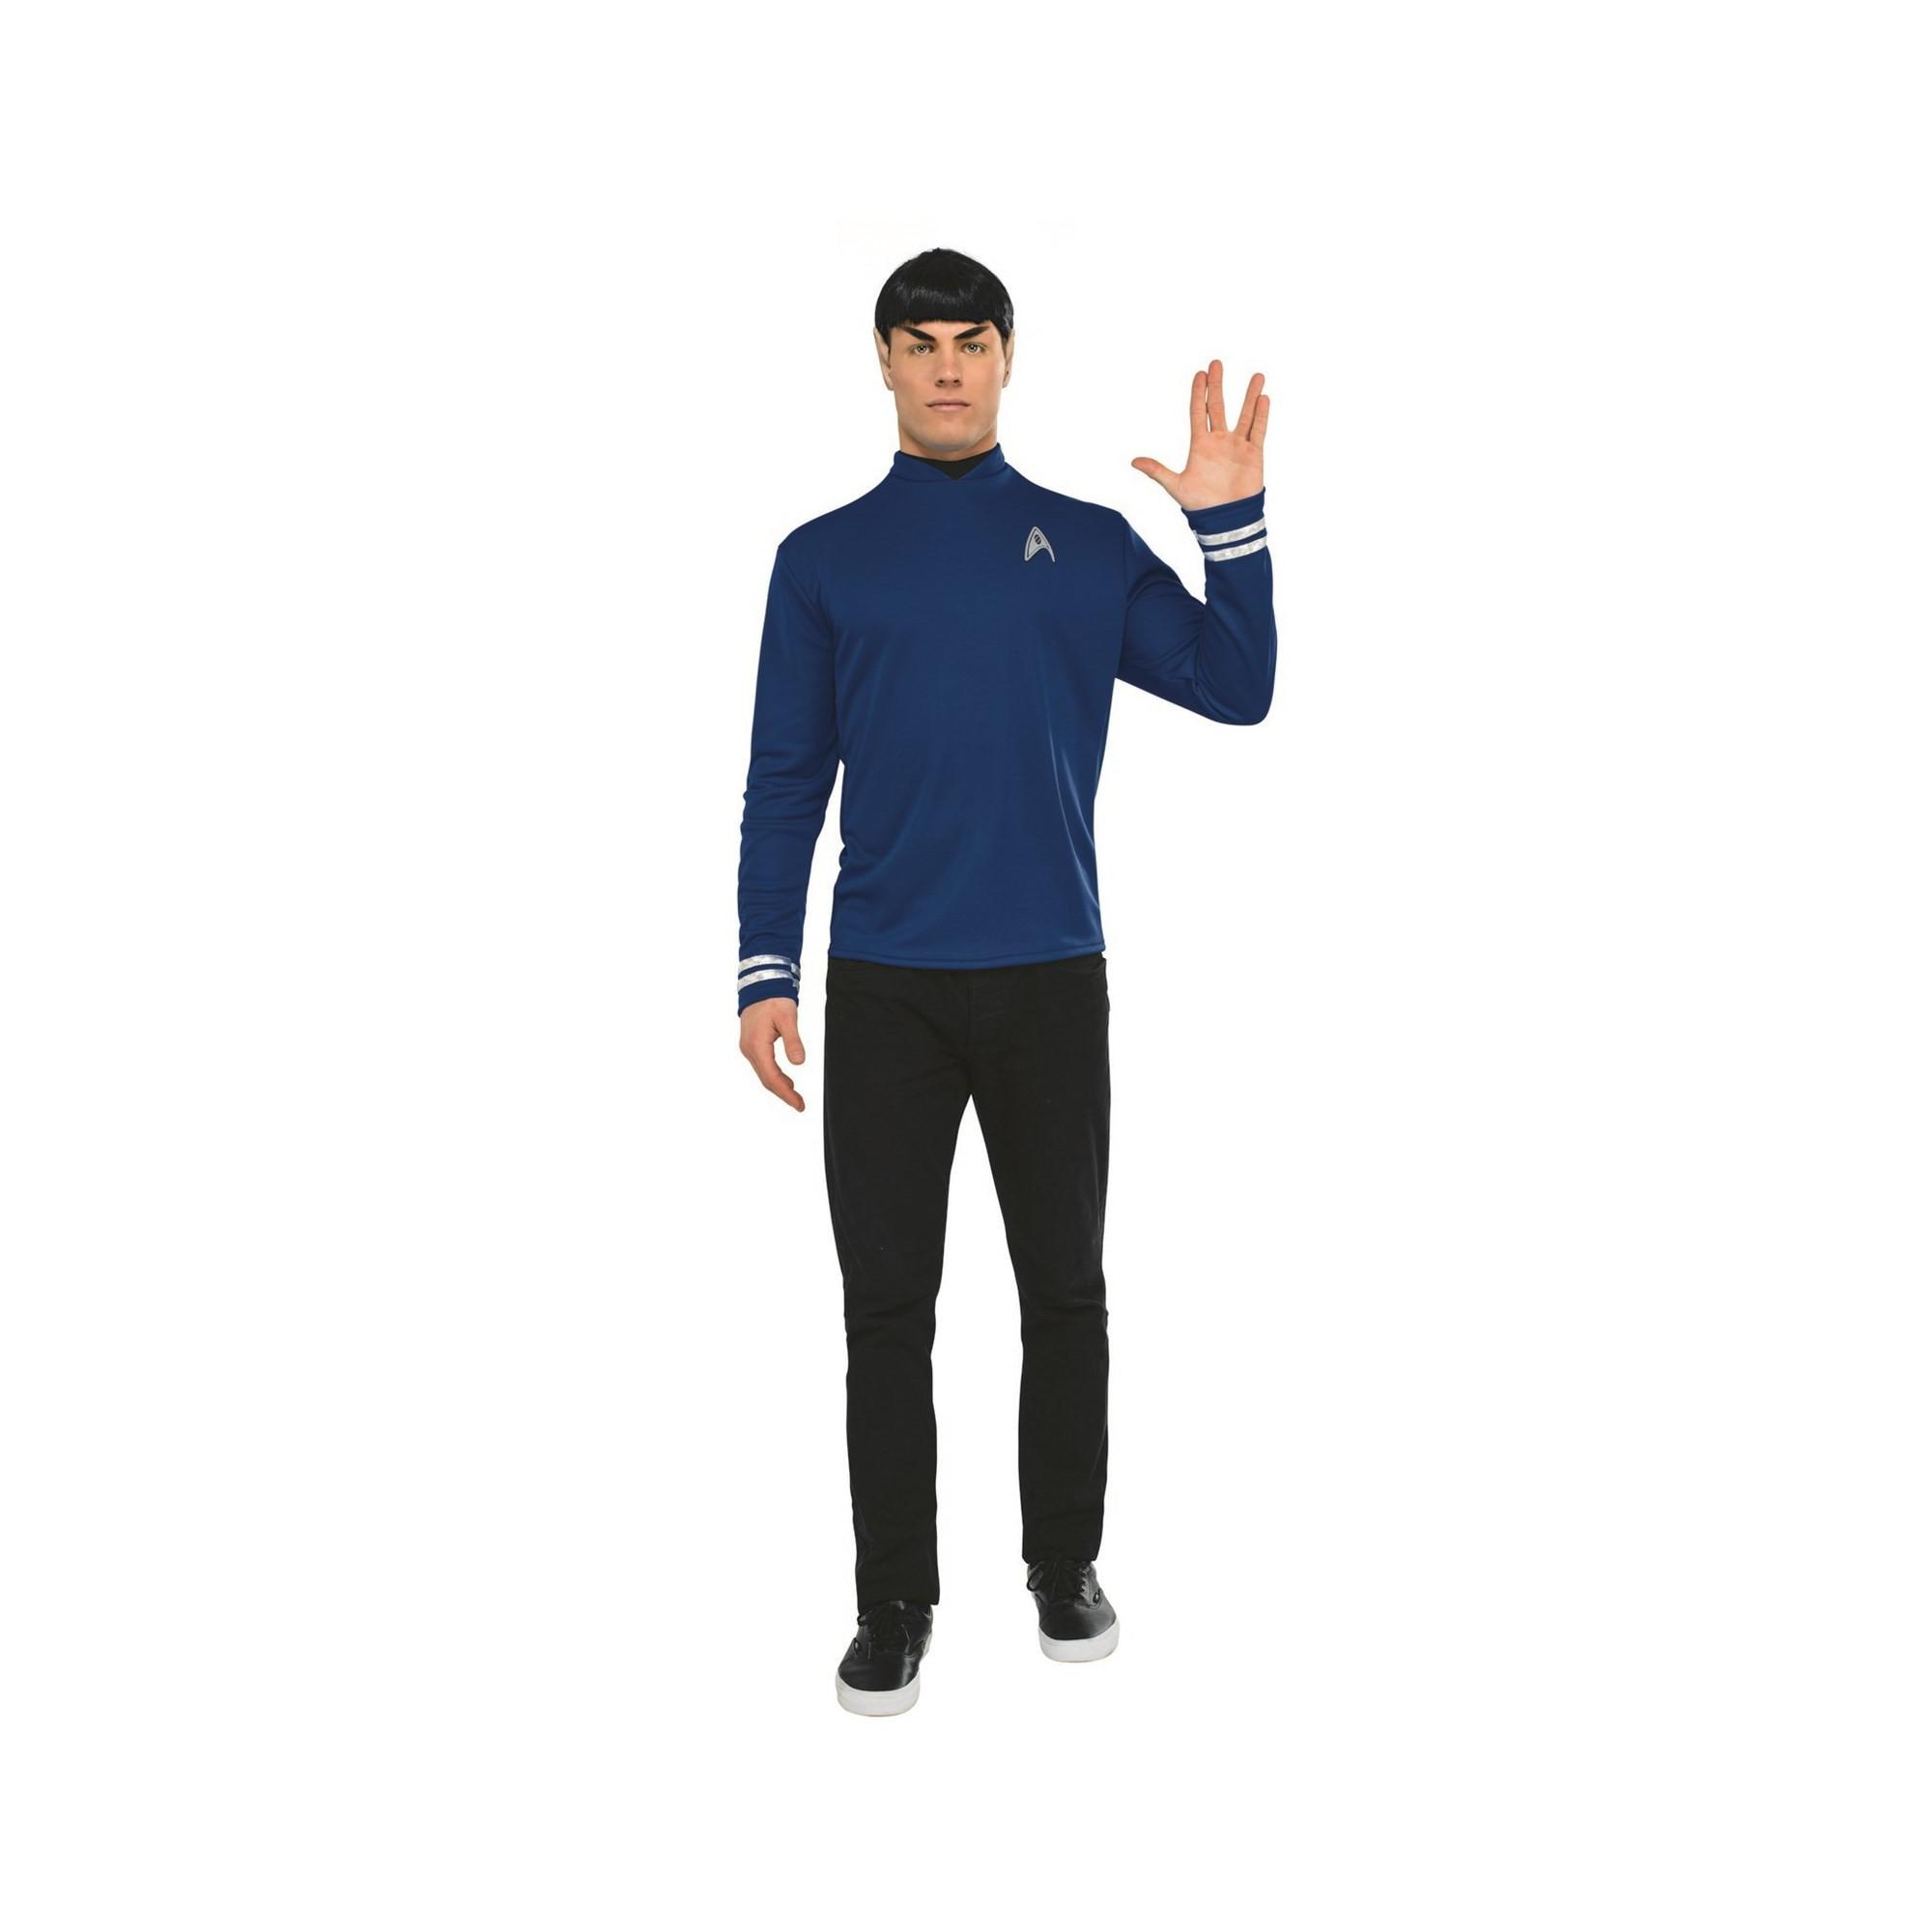 Men's Star Trek Spock Halloween Costume S, Multicolored